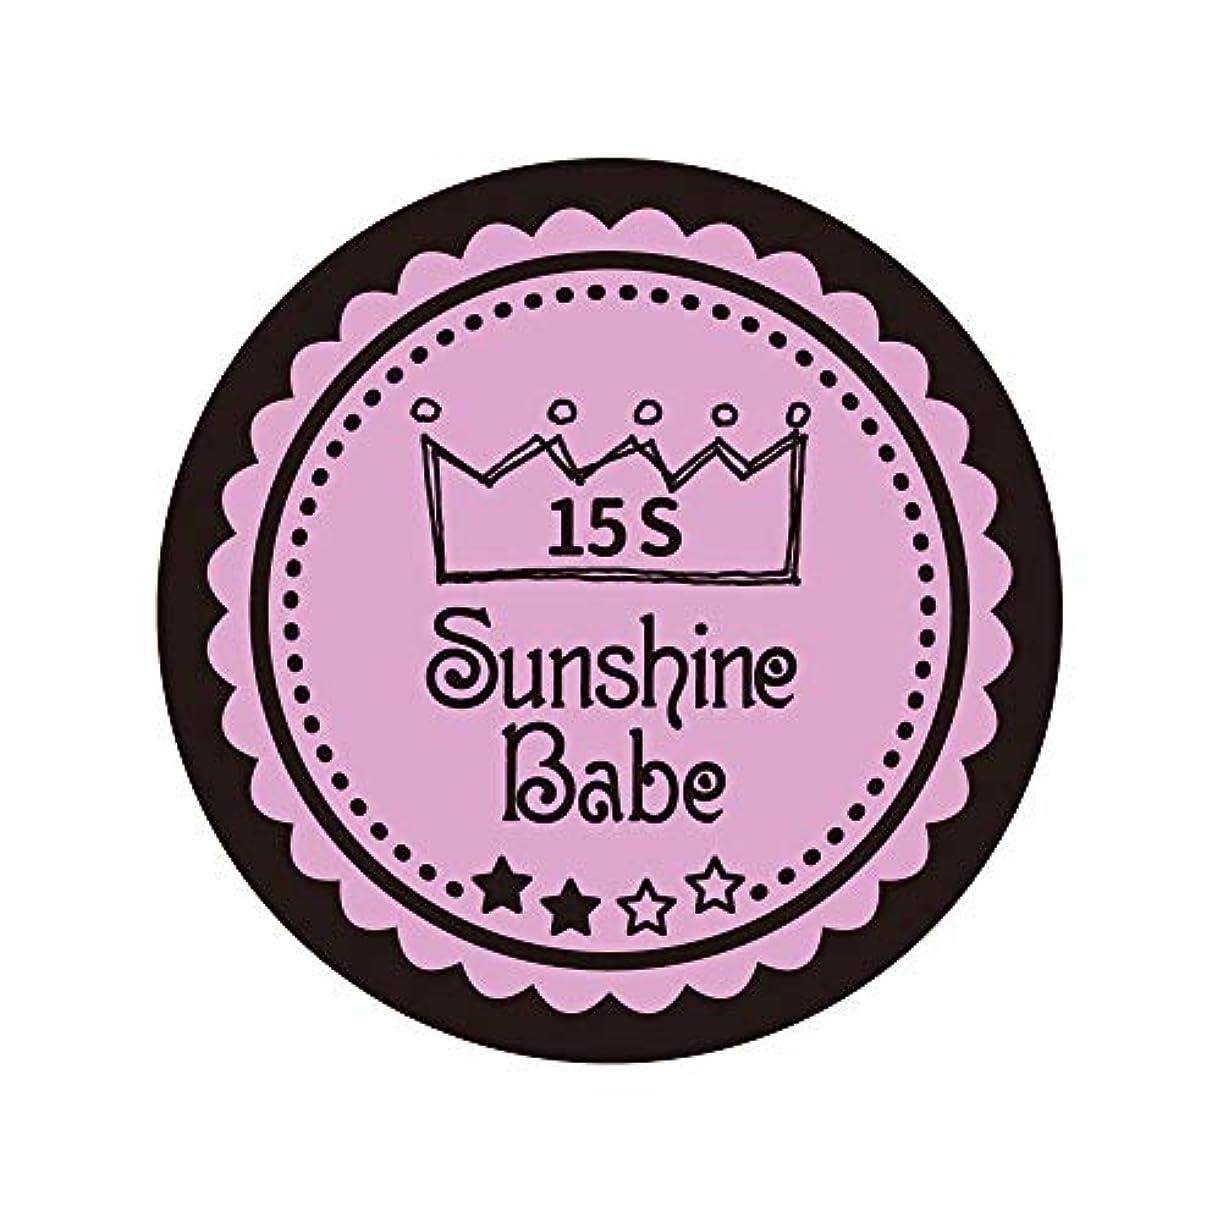 連隊時間着替えるSunshine Babe カラージェル 15S ピンクラベンダー 2.7g UV/LED対応